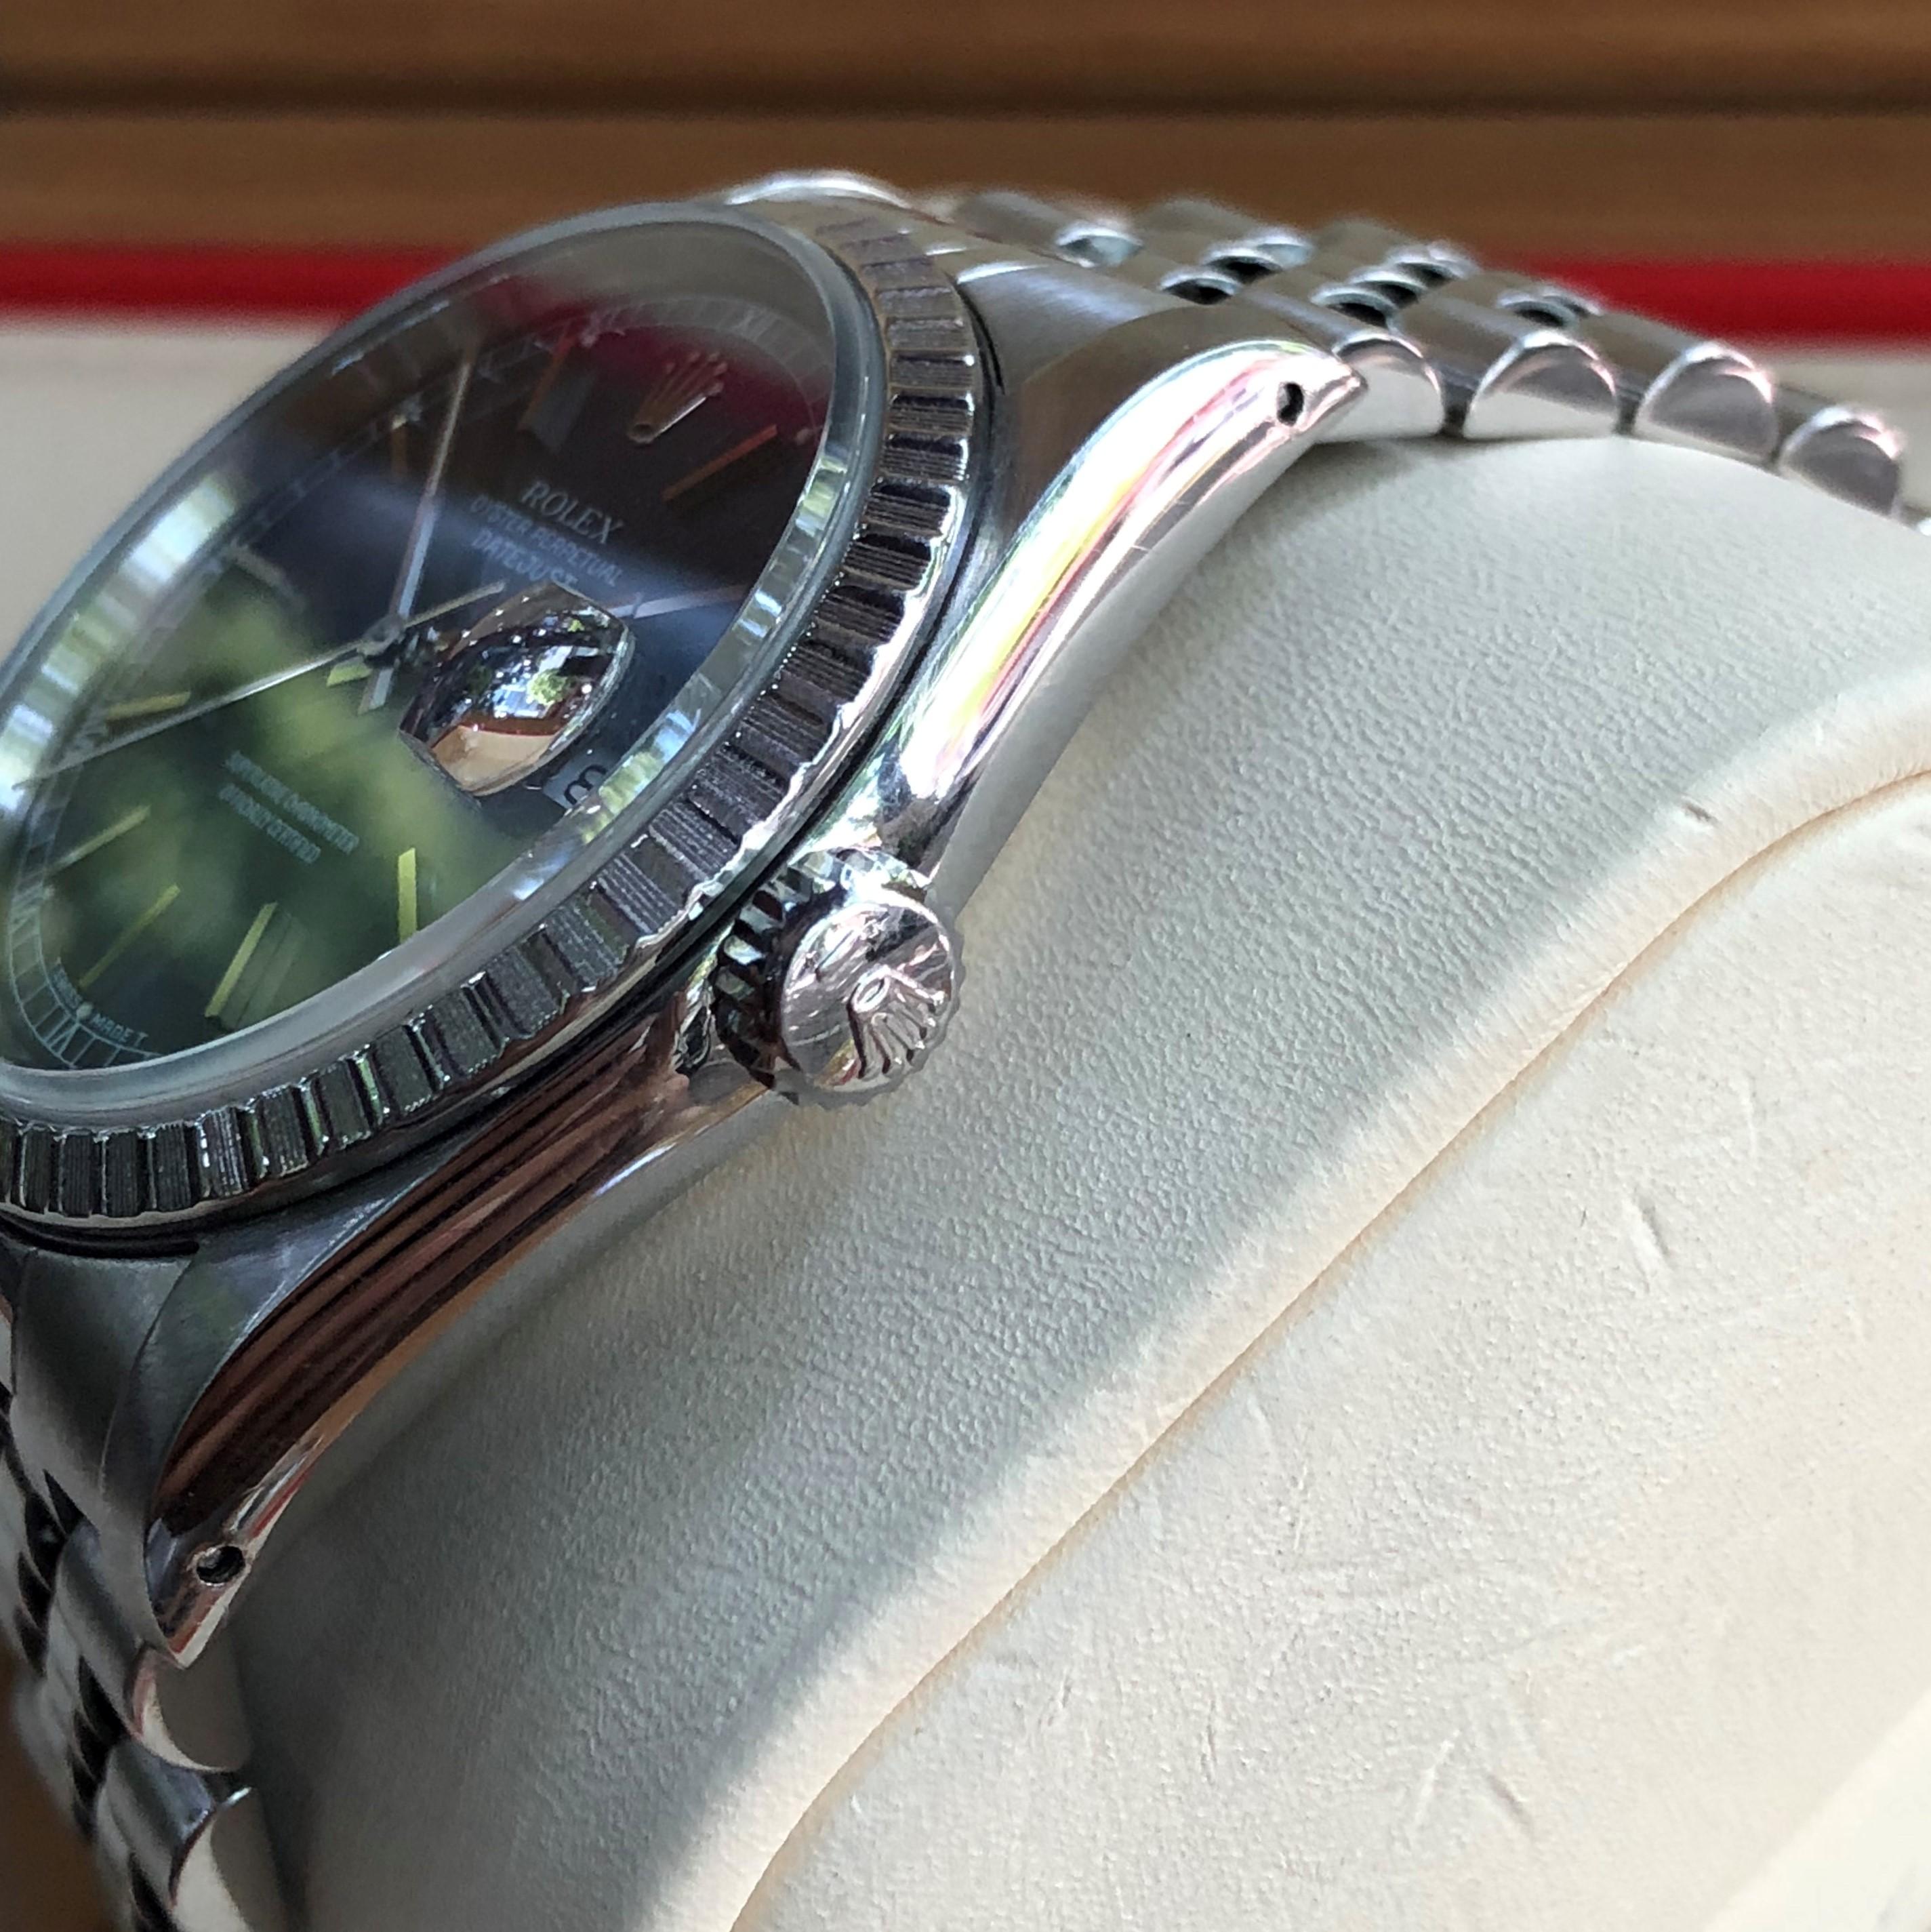 Rolex Datejust 16220 mặt xanh tím thép size 36mm đời 1989